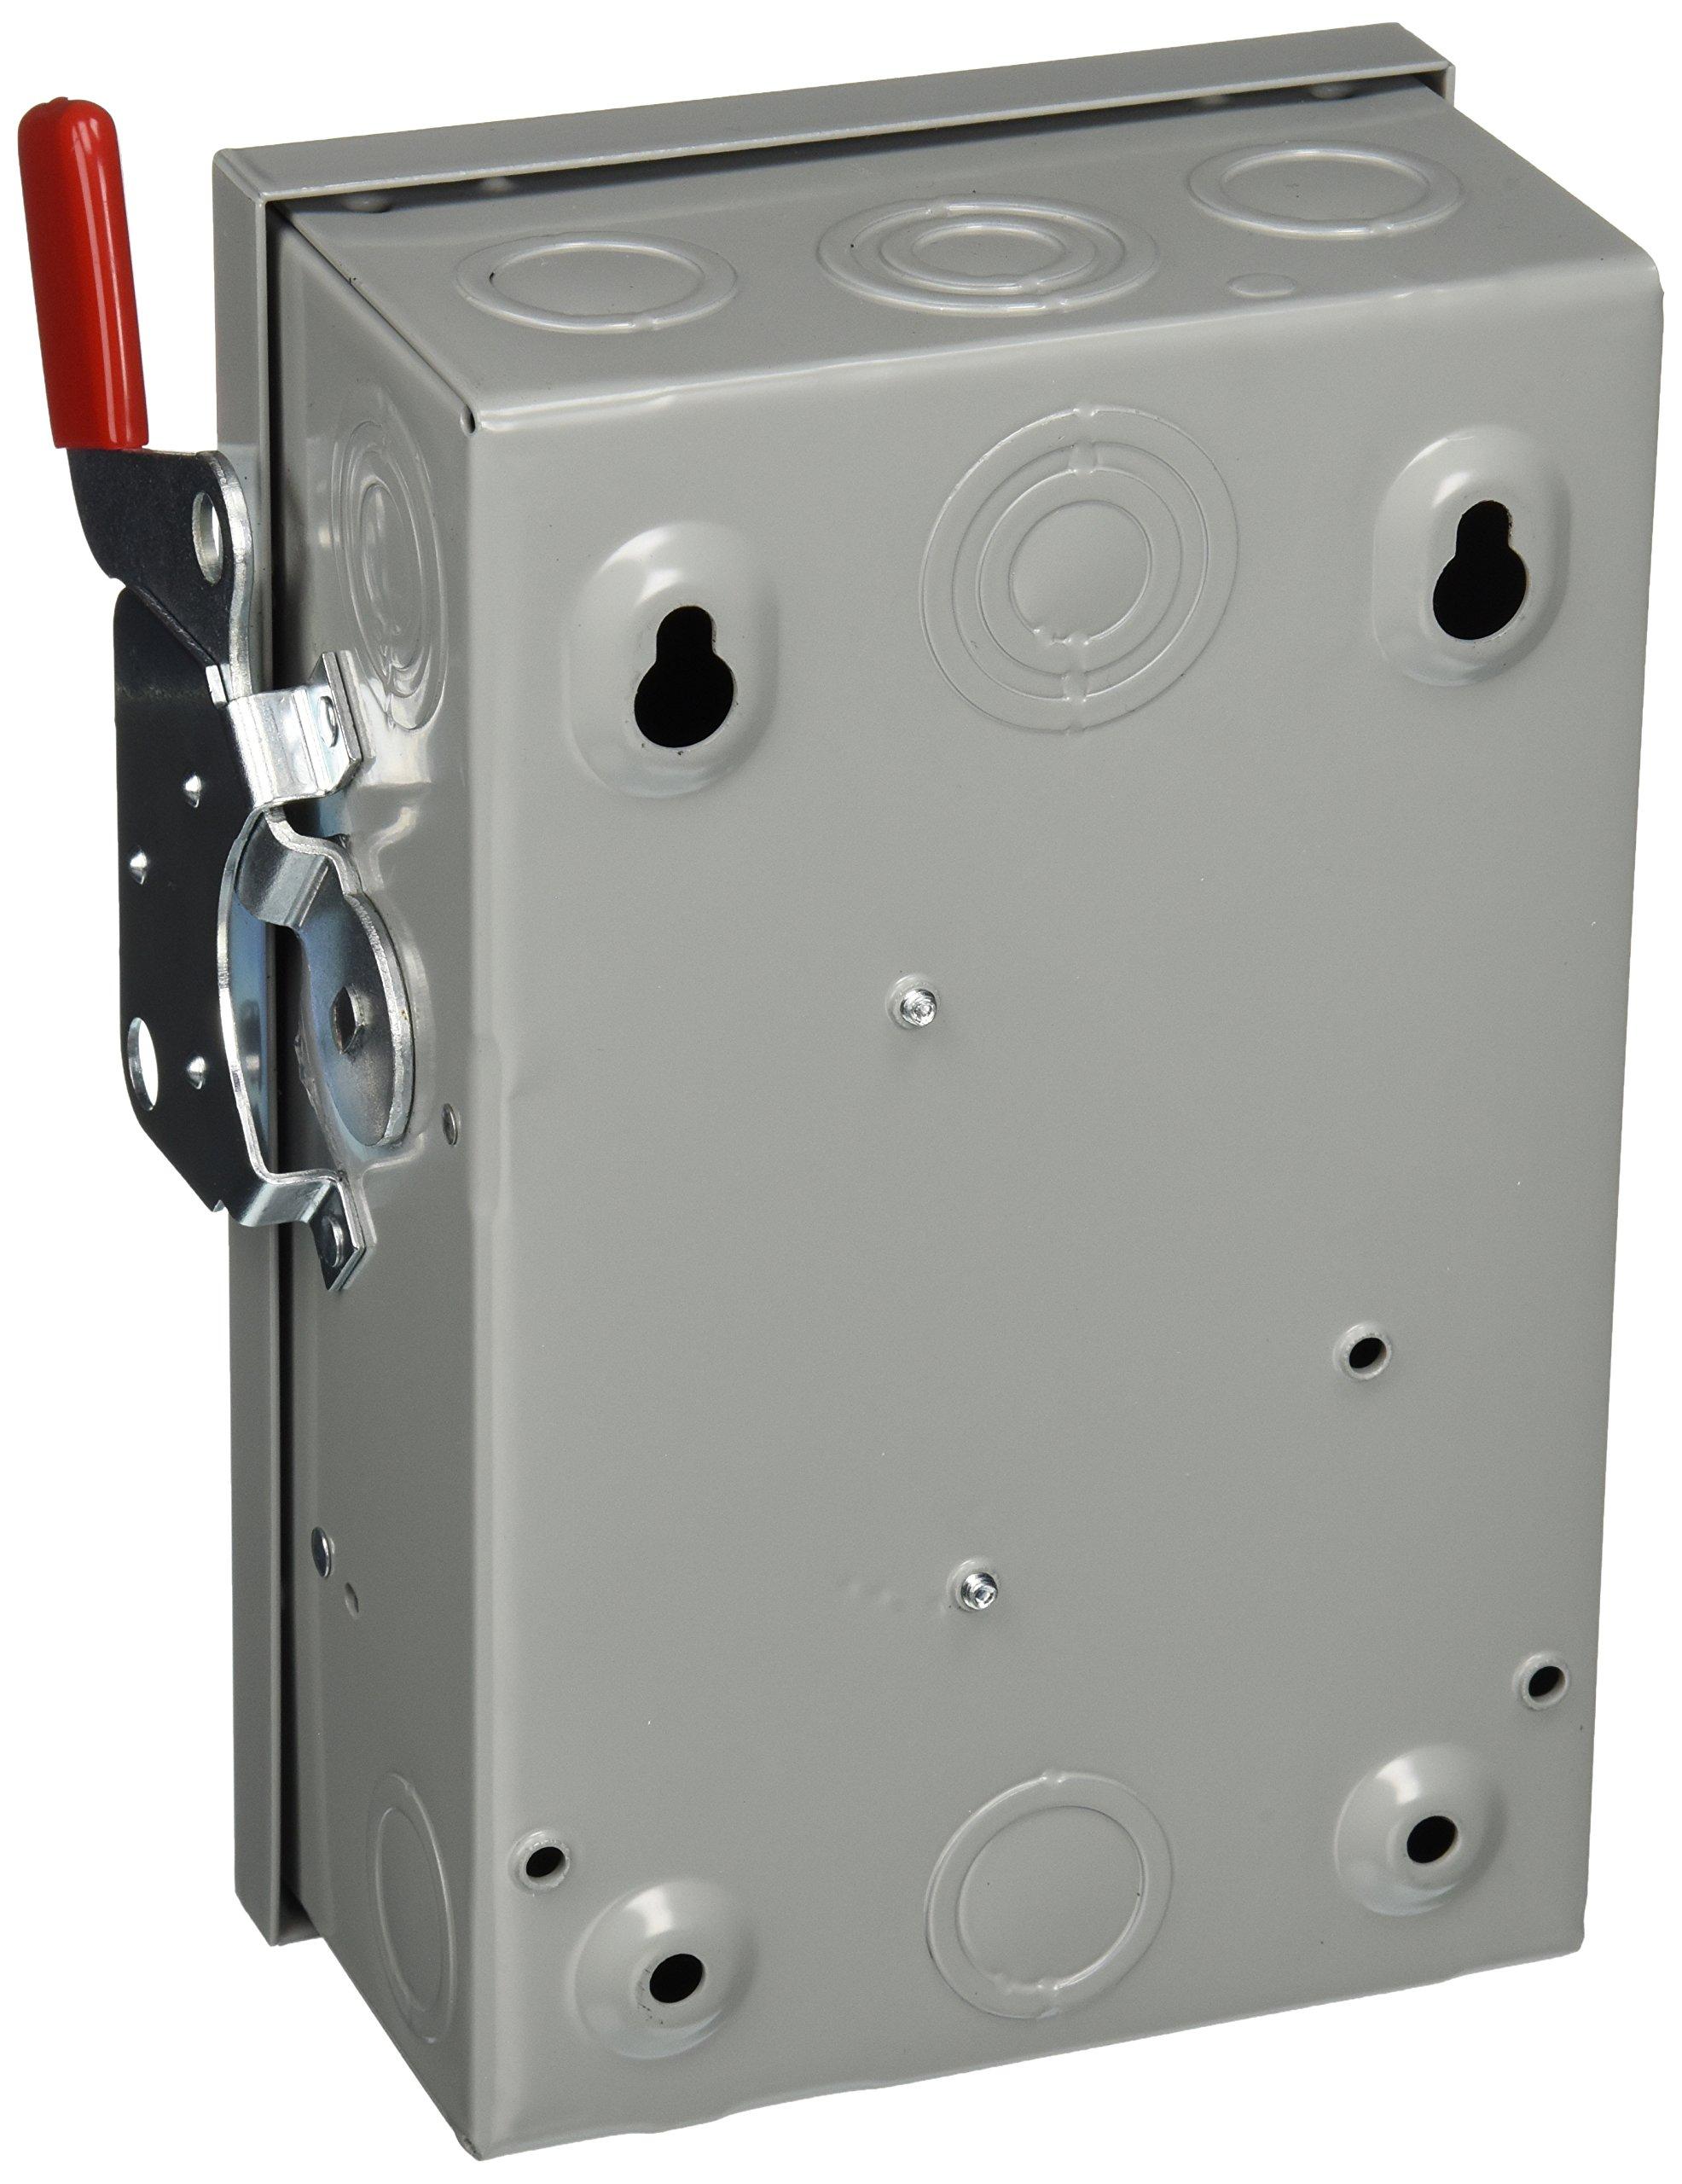 SIEMENS GF221NU 30 Amp, 2 Pole, 240-Volt, Cartridge Fused, General Duty, W/N Indoor Rated by Siemens (Image #2)